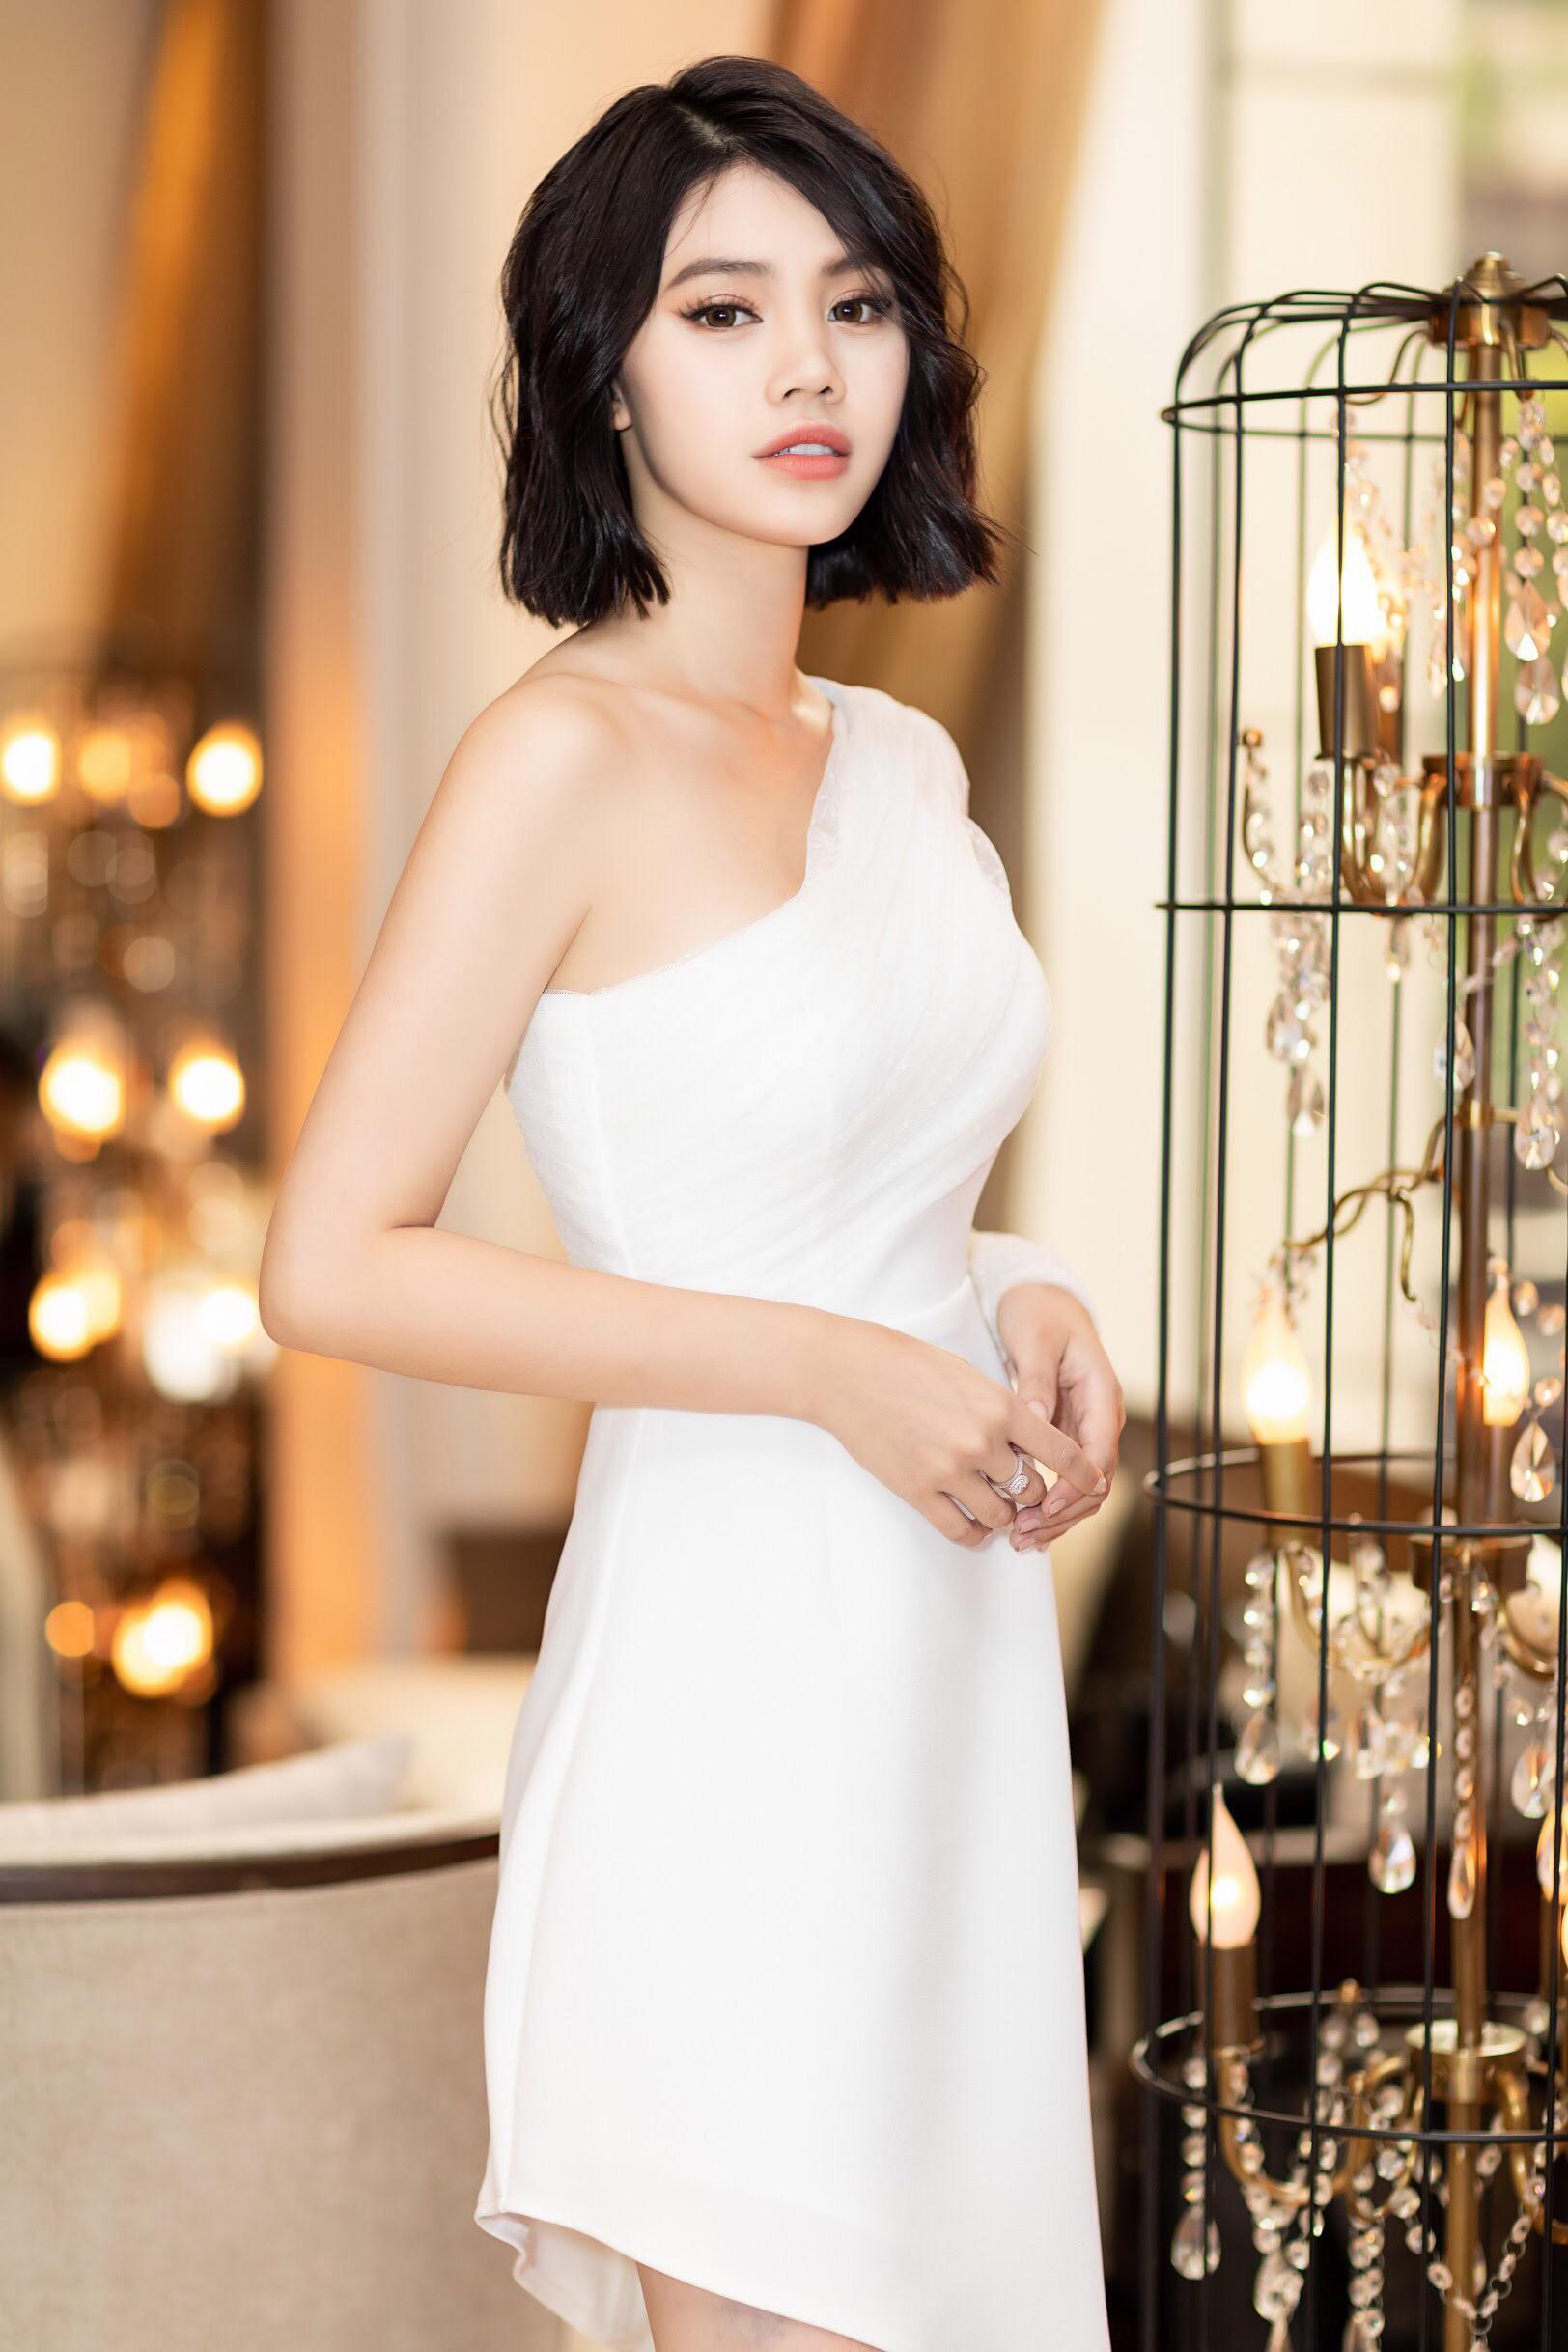 Thẳng tay cắt bỏ mái tóc dài để 20 năm, Hoa hậu Jolie Nguyễn vẫn gây thương nhớ với tóc ngắn cá tính - Ảnh 3.